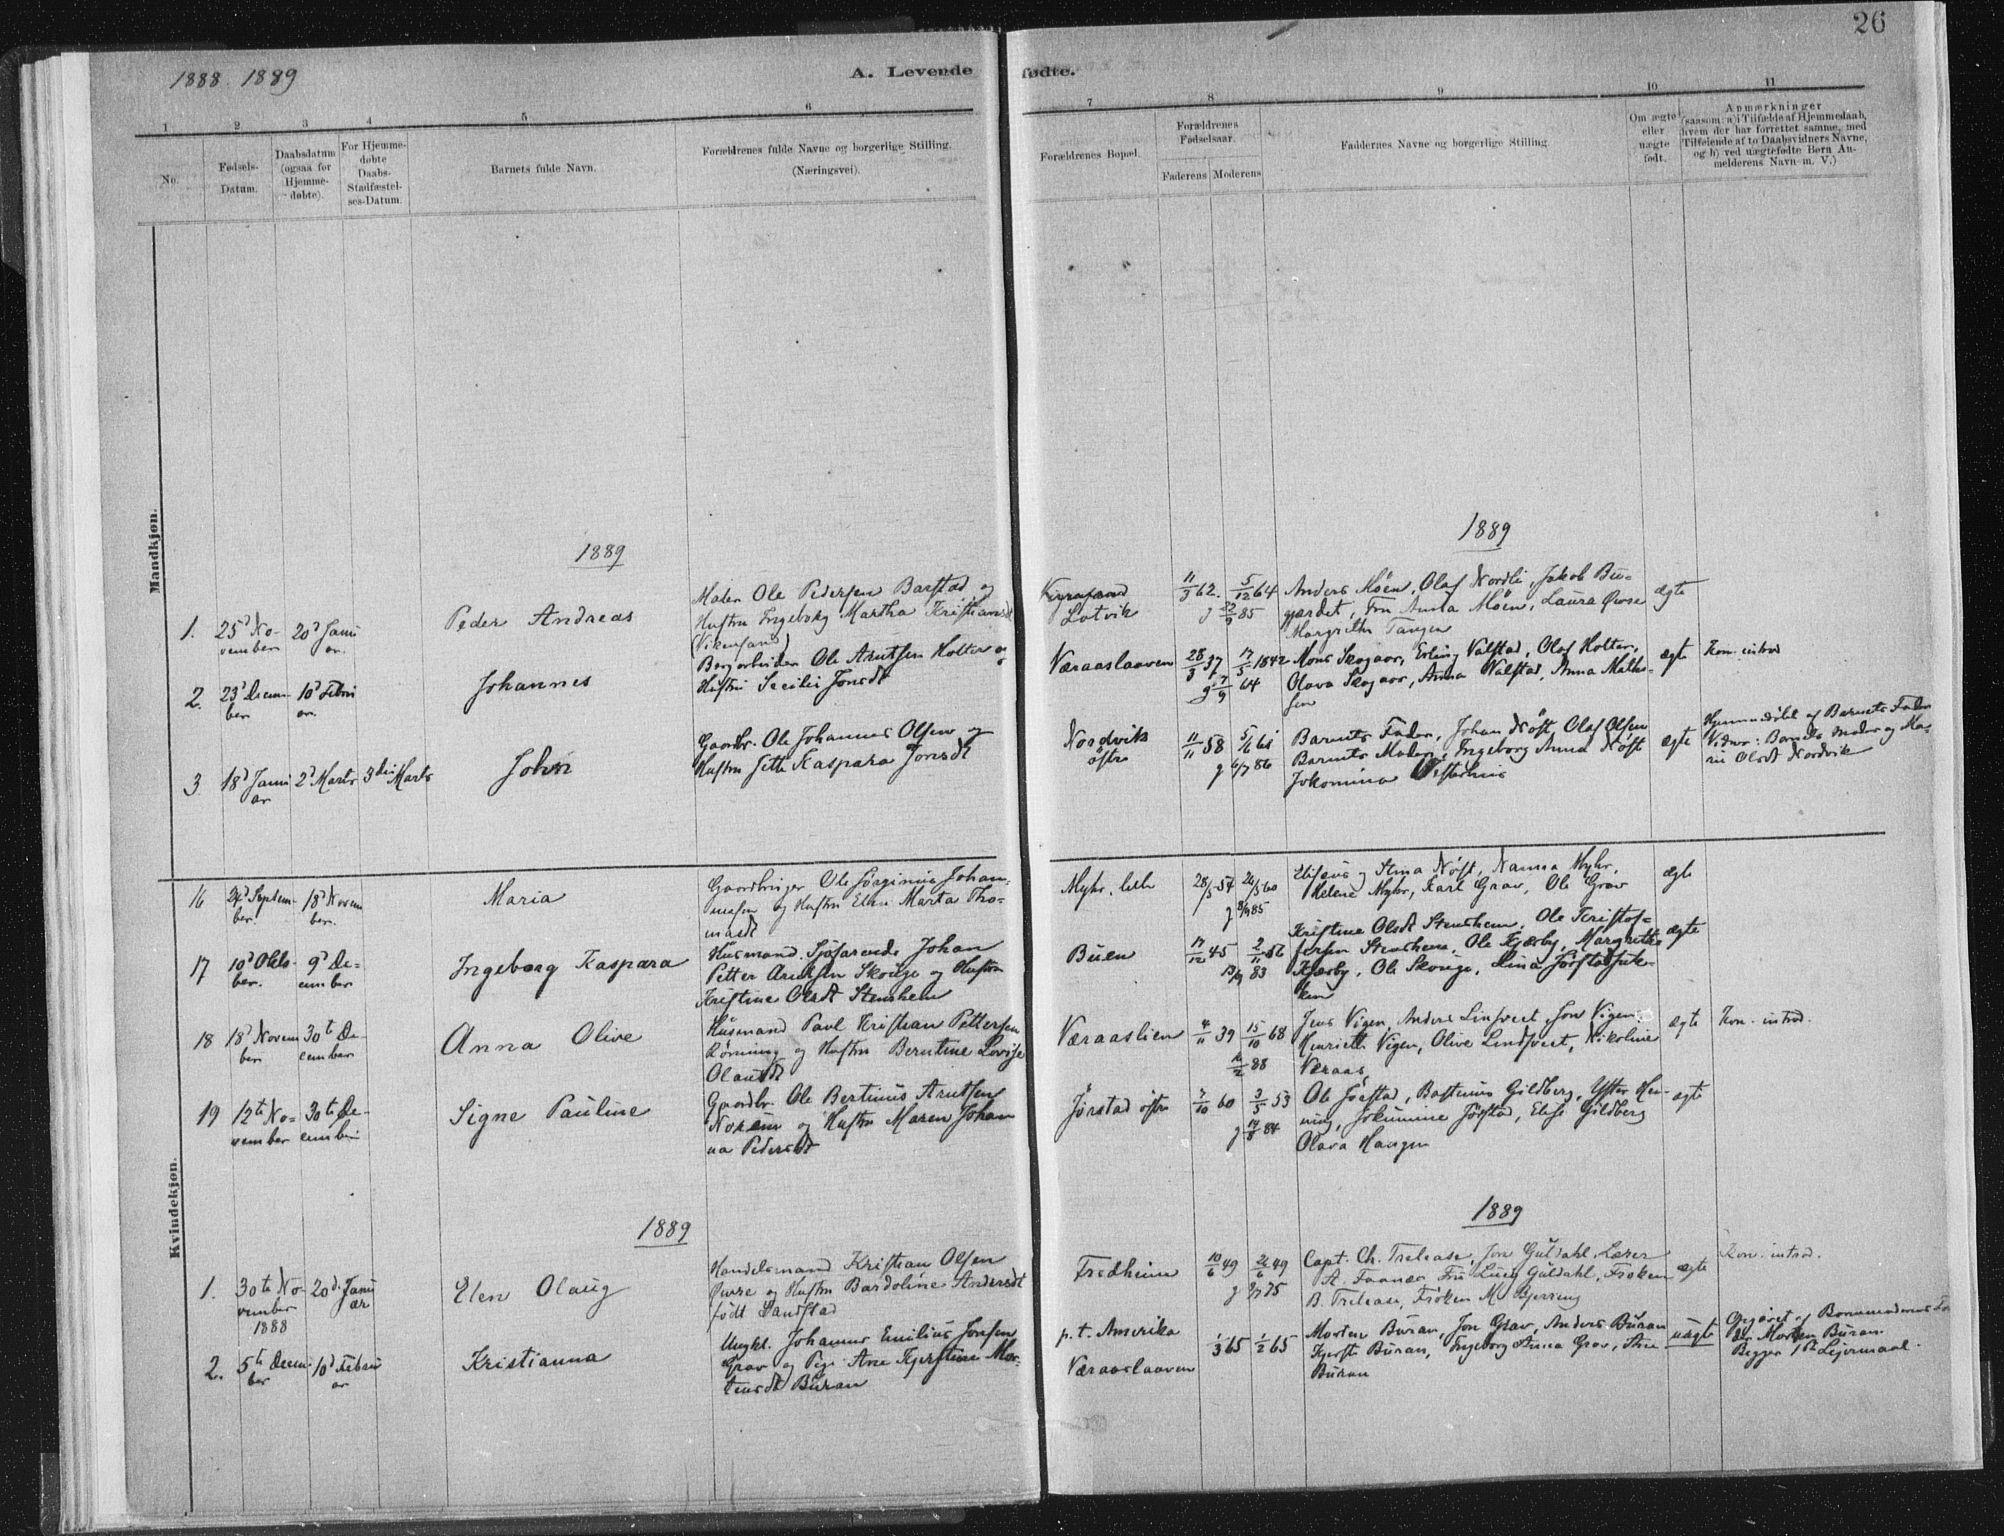 SAT, Ministerialprotokoller, klokkerbøker og fødselsregistre - Nord-Trøndelag, 722/L0220: Ministerialbok nr. 722A07, 1881-1908, s. 26